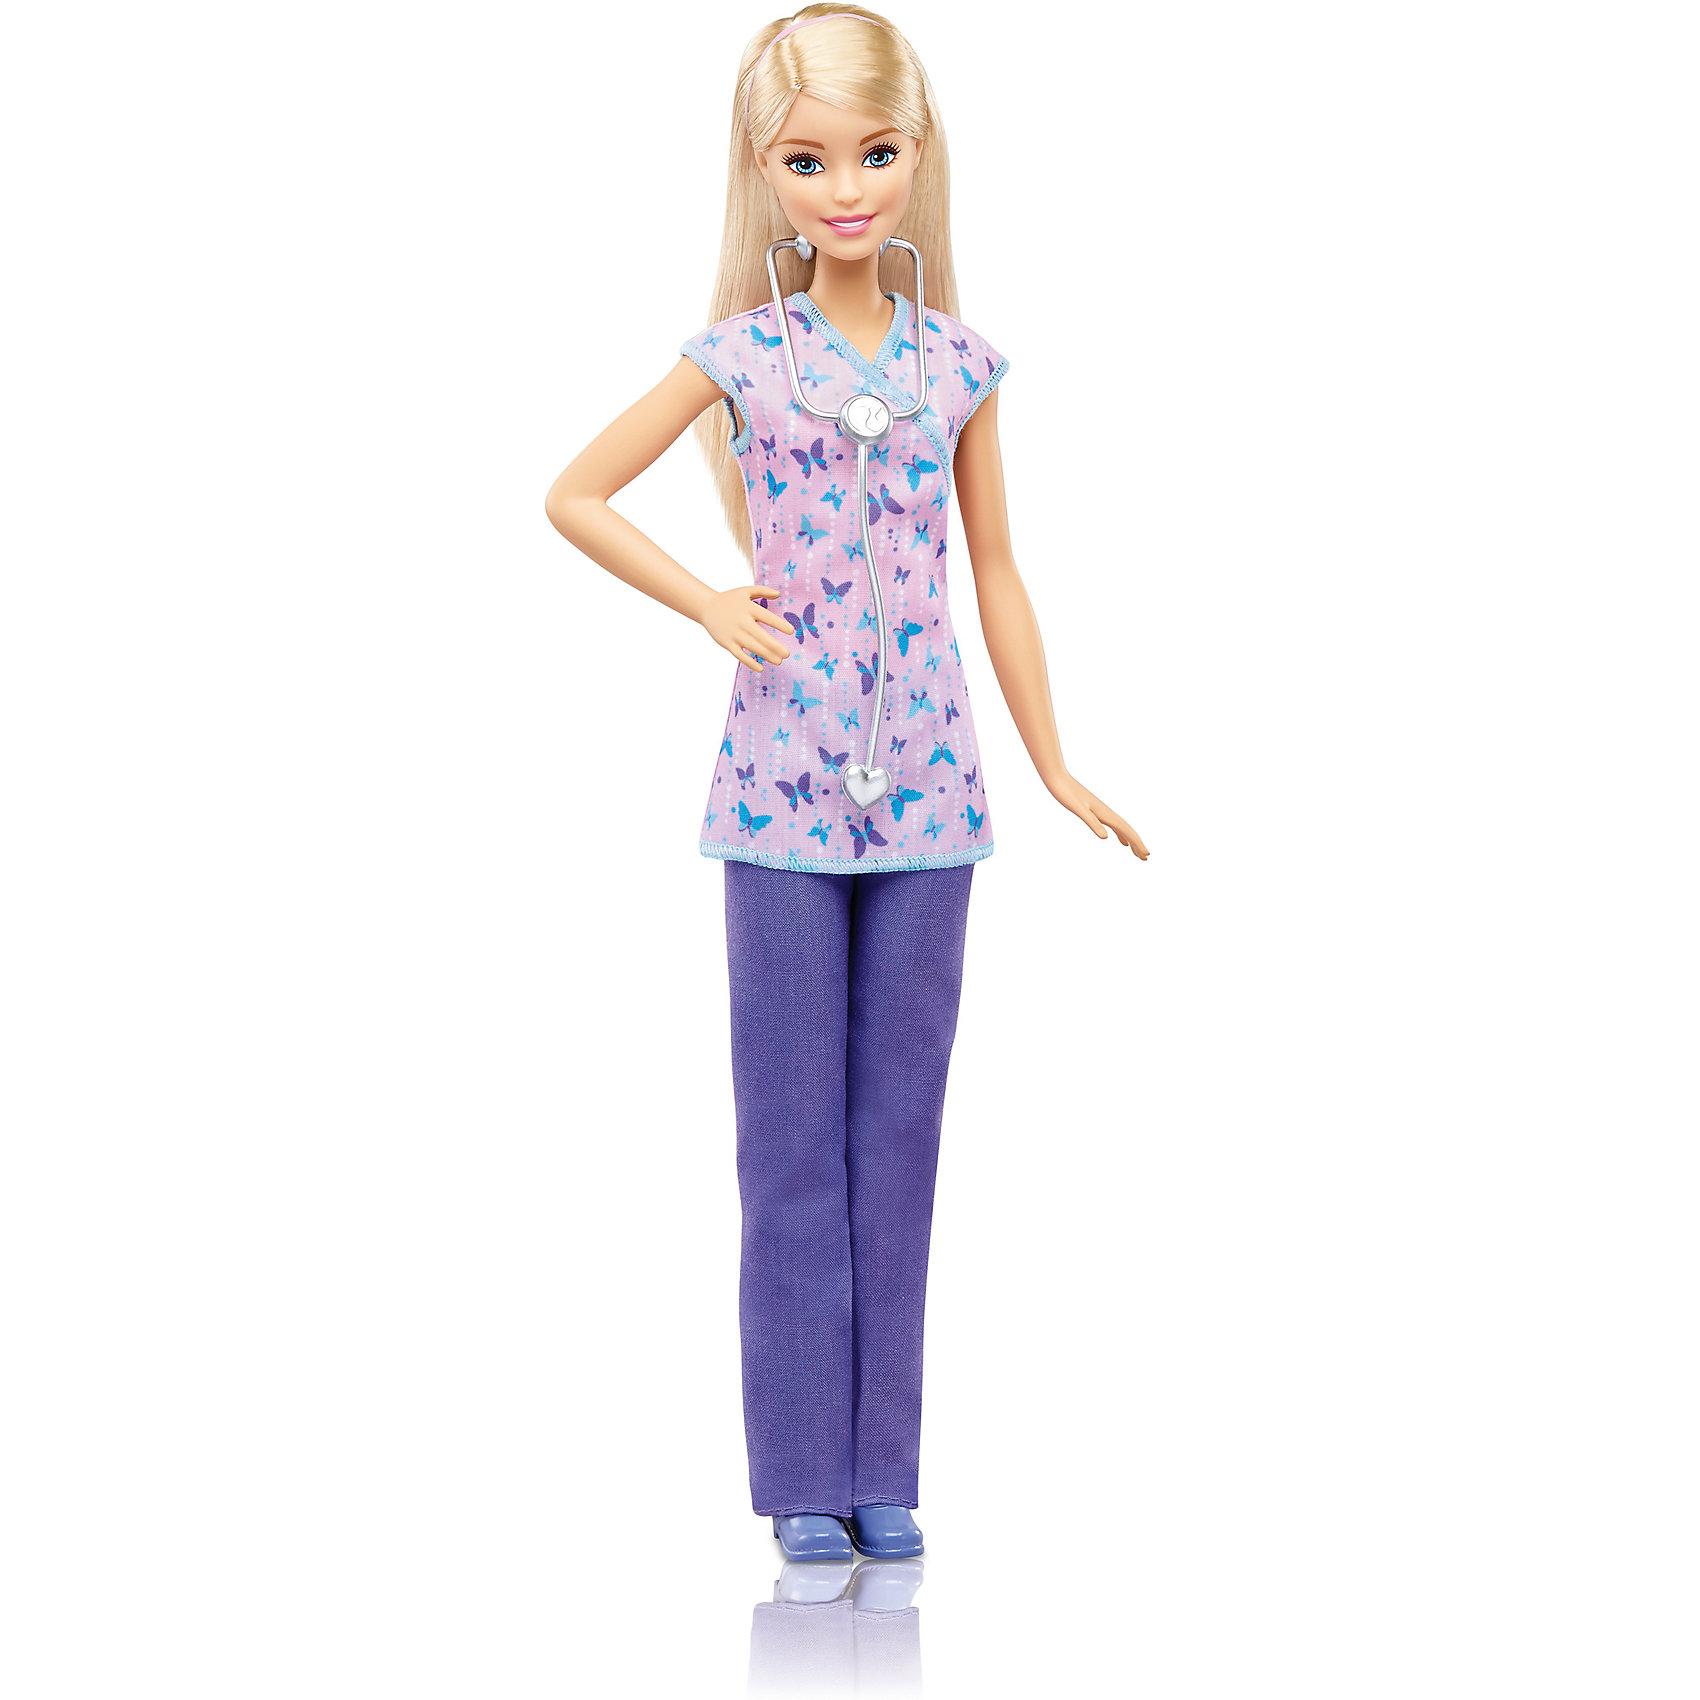 Кукла Barbie из серии «Кем быть?»Куклы-модели<br><br><br>Ширина мм: 334<br>Глубина мм: 113<br>Высота мм: 58<br>Вес г: 182<br>Возраст от месяцев: 36<br>Возраст до месяцев: 72<br>Пол: Женский<br>Возраст: Детский<br>SKU: 6996459